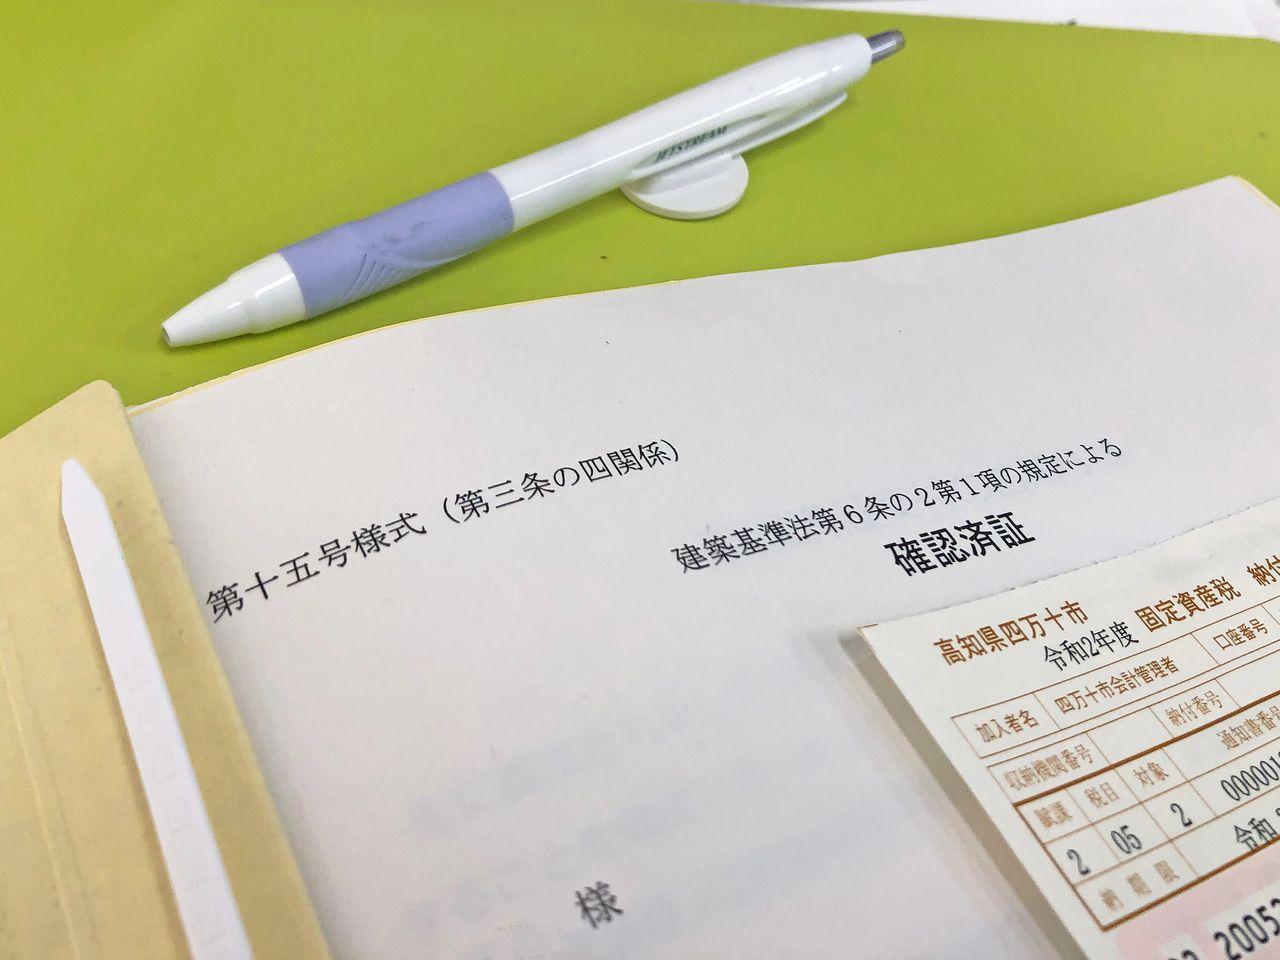 固定資産税課税明細